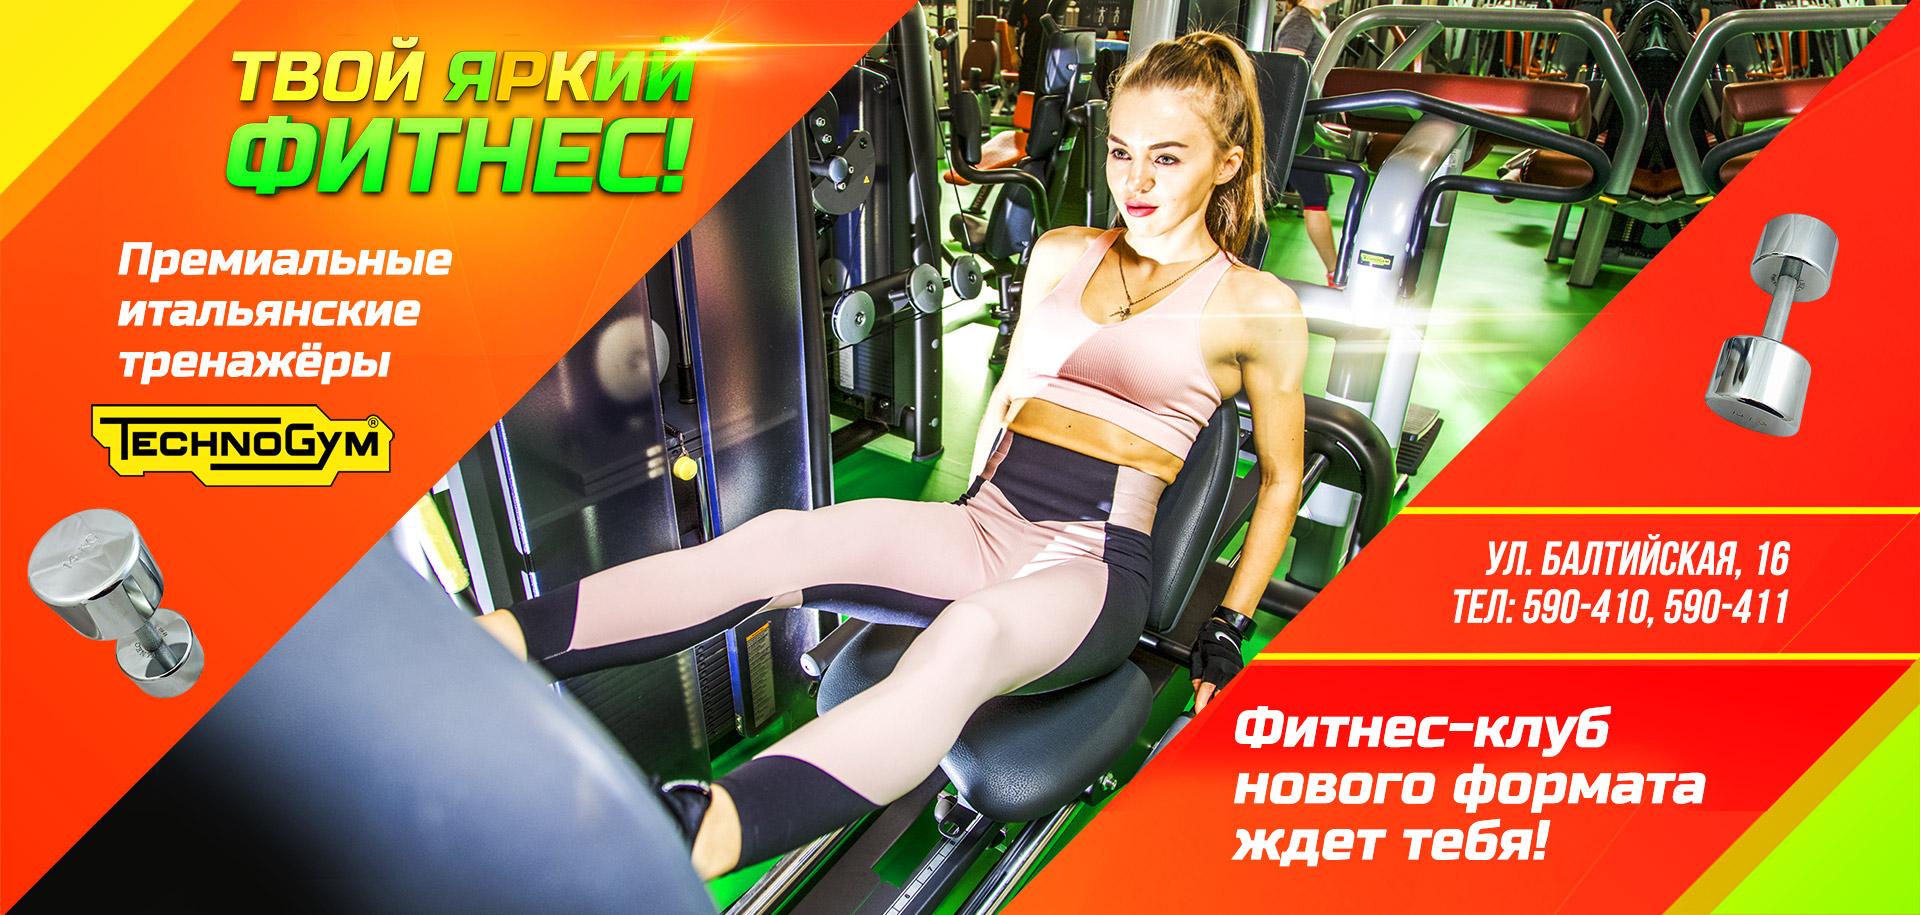 Биомеханика упражнений в бодибилдинге